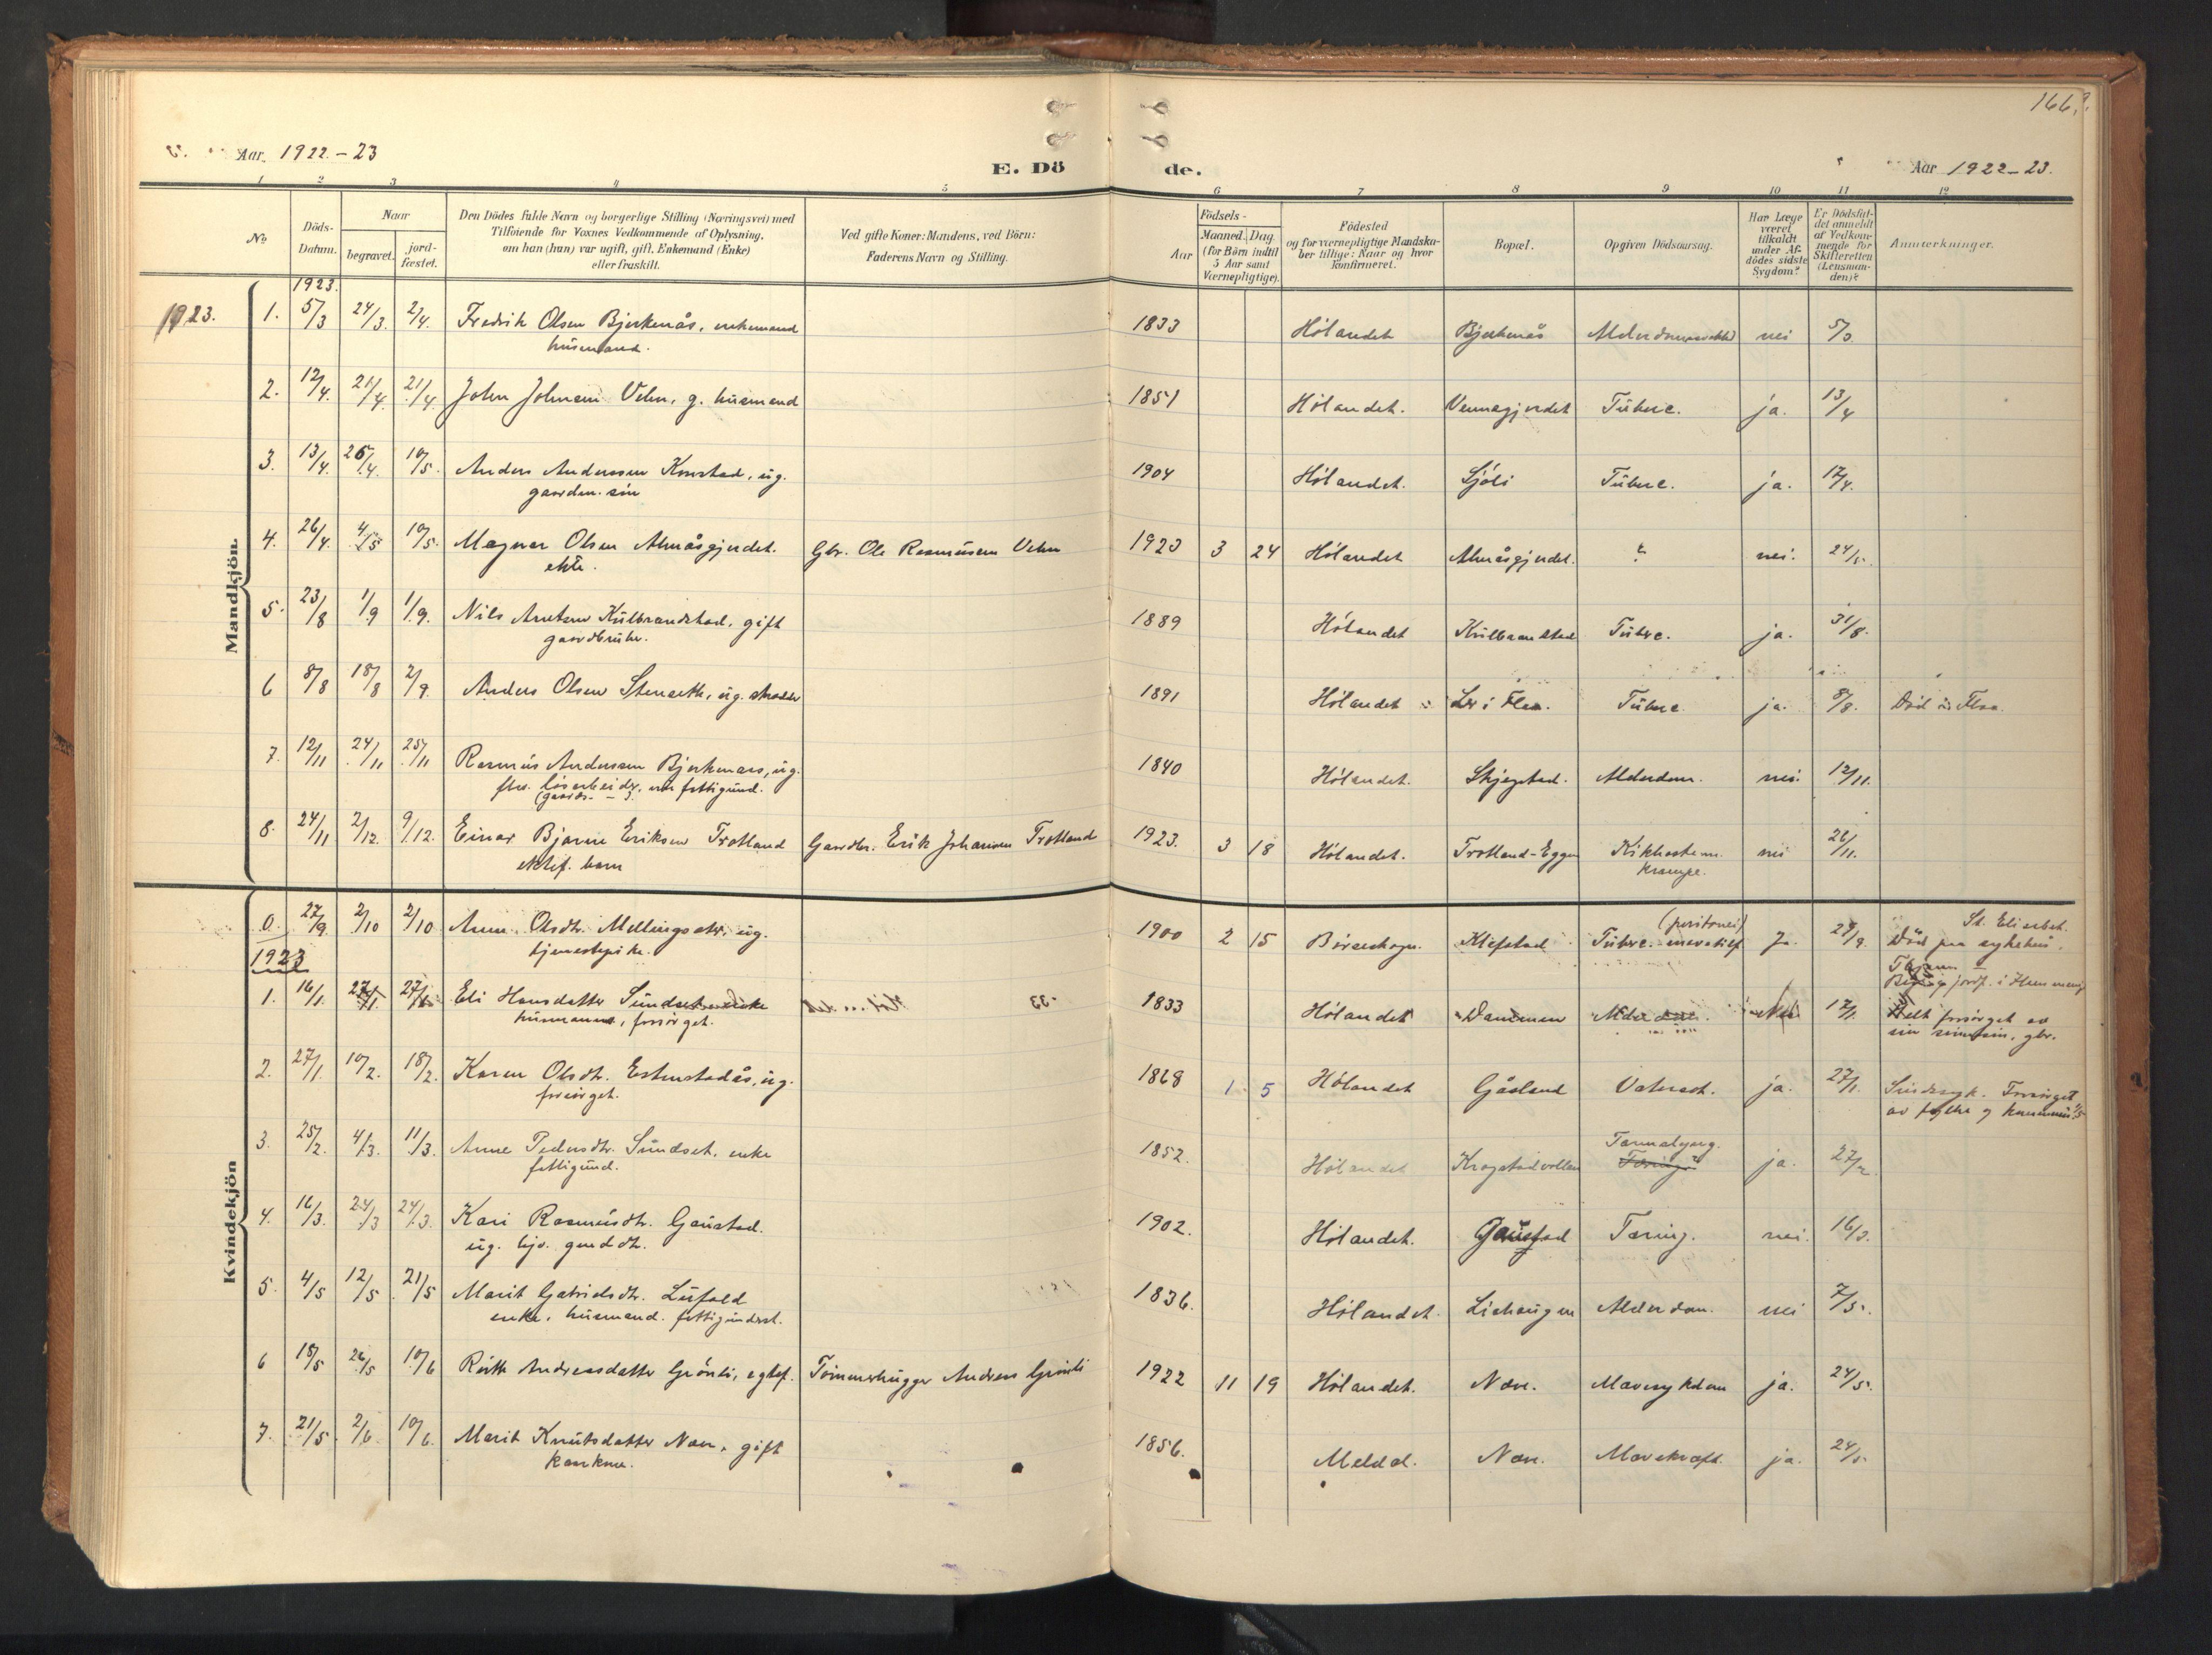 SAT, Ministerialprotokoller, klokkerbøker og fødselsregistre - Sør-Trøndelag, 694/L1128: Ministerialbok nr. 694A02, 1906-1931, s. 166